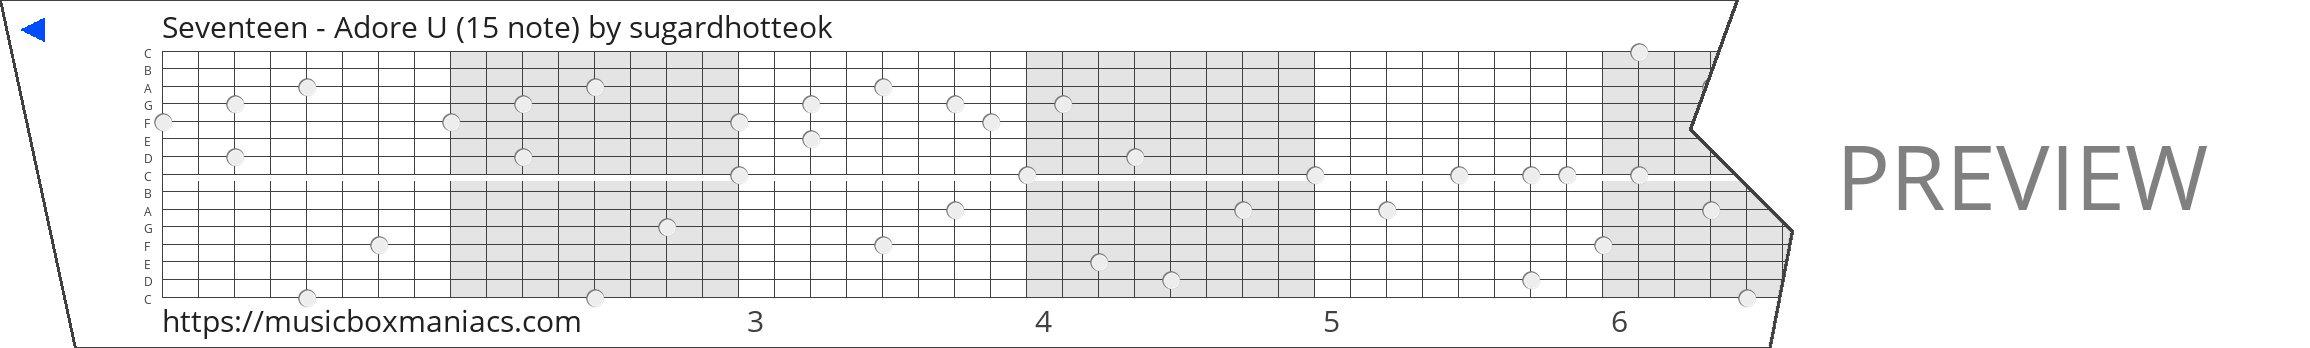 Seventeen - Adore U (15 note) 15 note music box paper strip